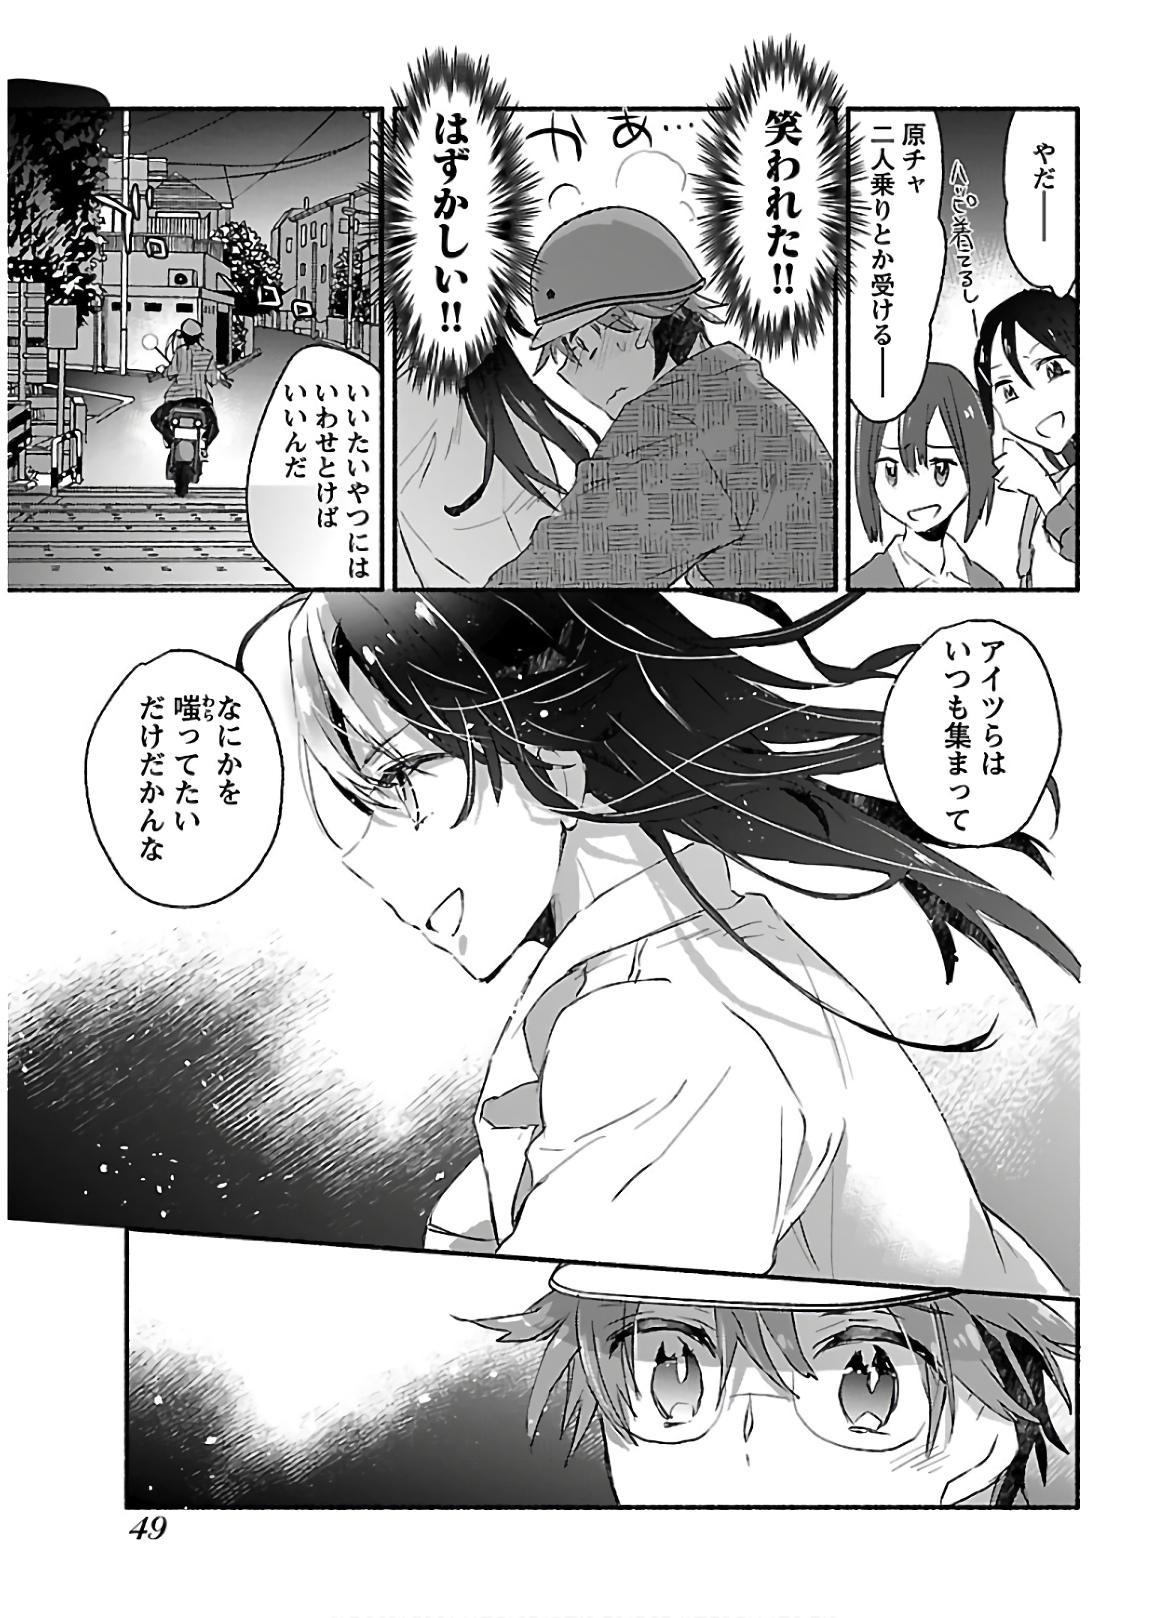 Yankii musume ni natsukarete kotoshi mo juken ni shippai shisou desu  vol.1 50